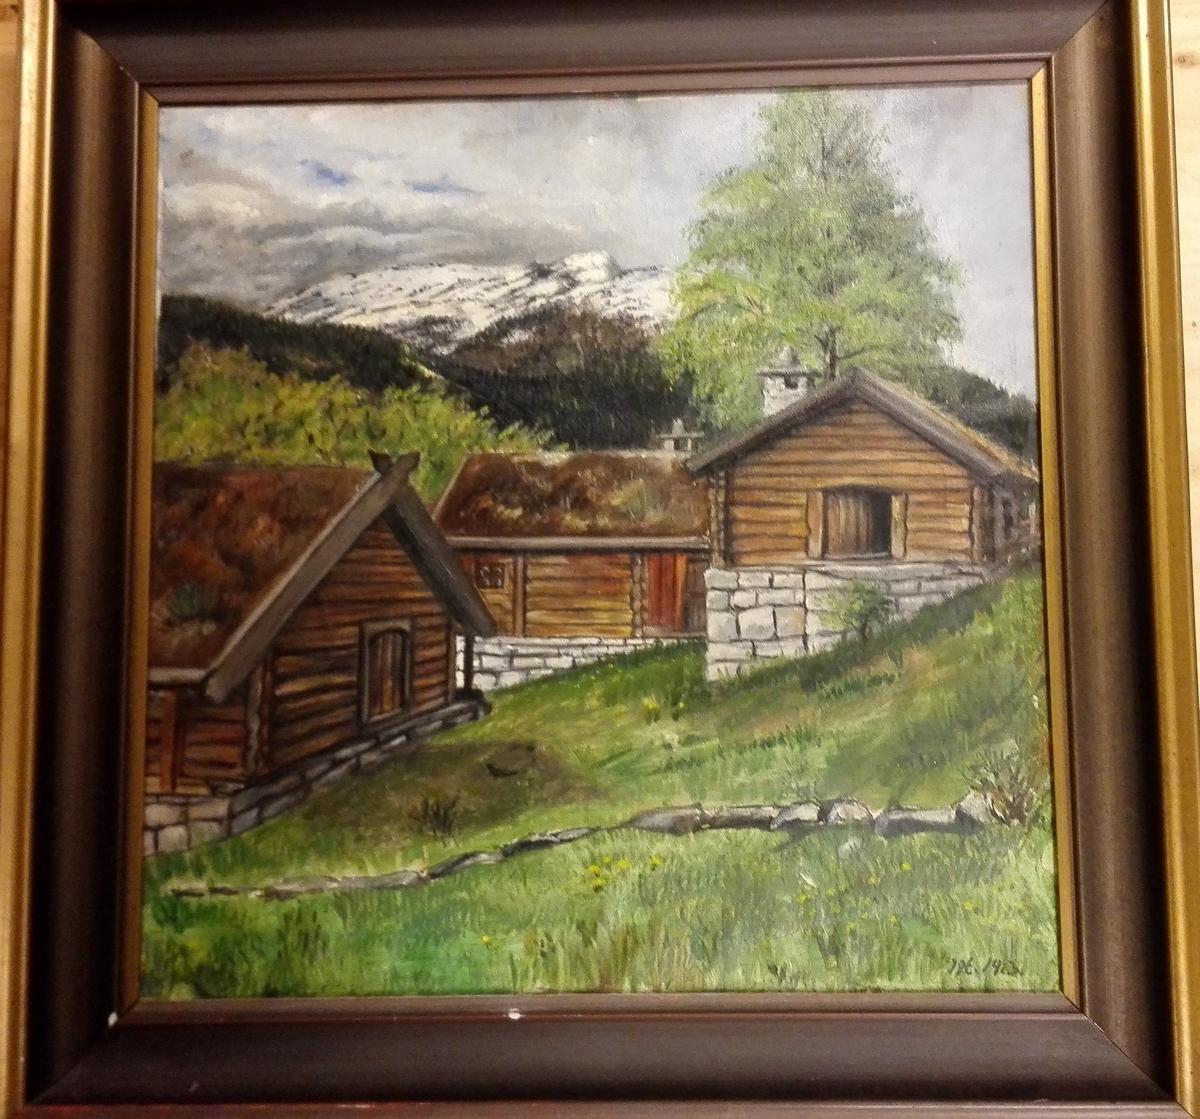 Måleriet syner delar av friluftsmuseet ved De Heibergske Samlinger - Sogn Folkemusem i Amla. Det måla med olje på lerret og har mørk profilert treramme.